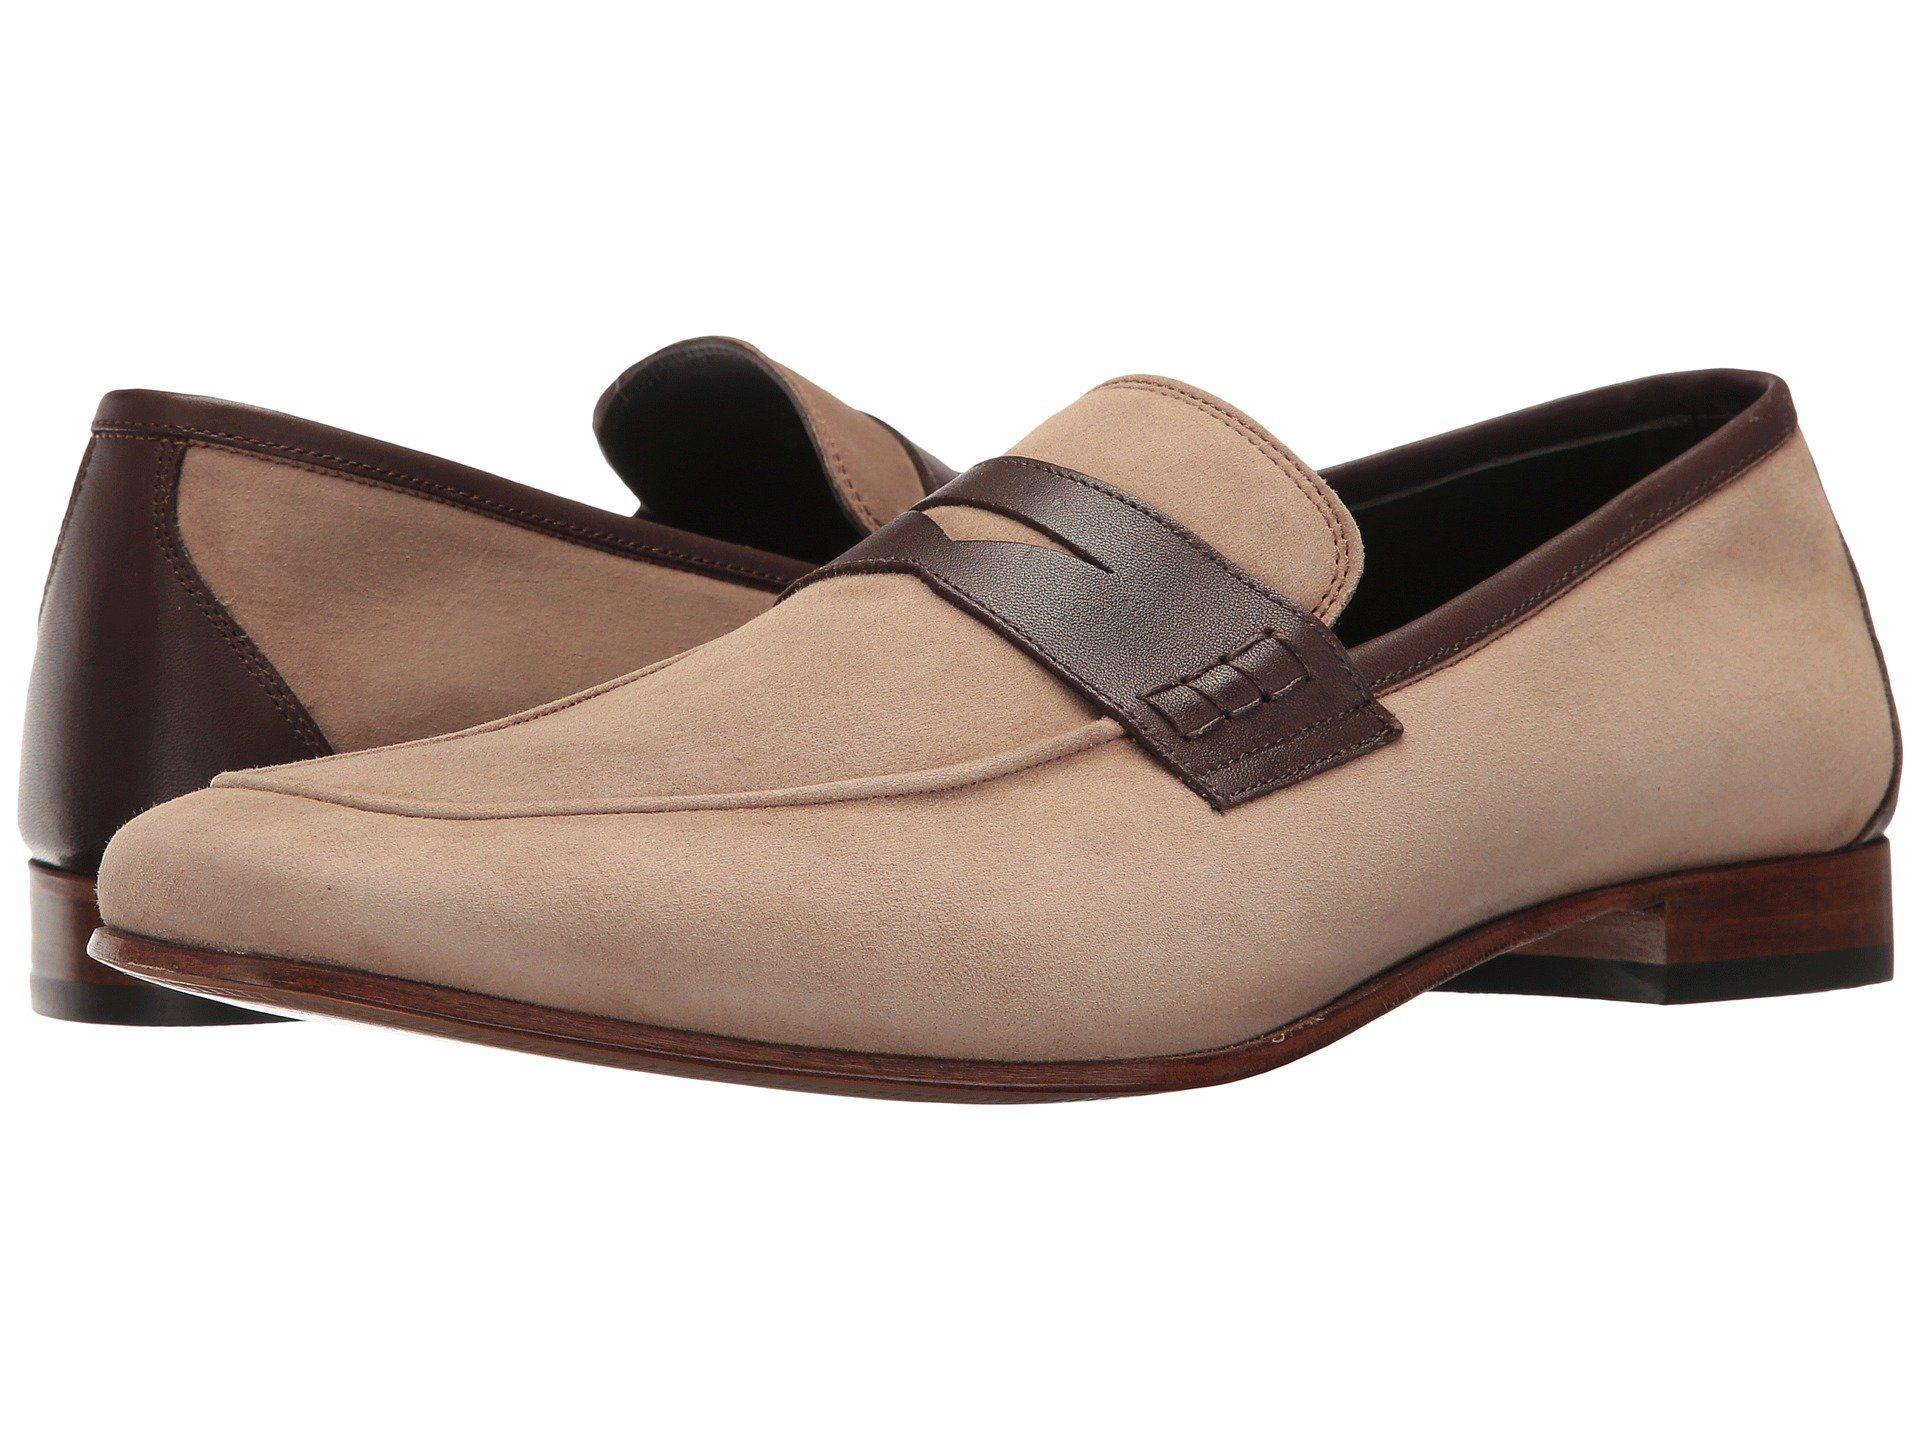 BRUNO MAGLI Barth. #brunomagli #shoes #